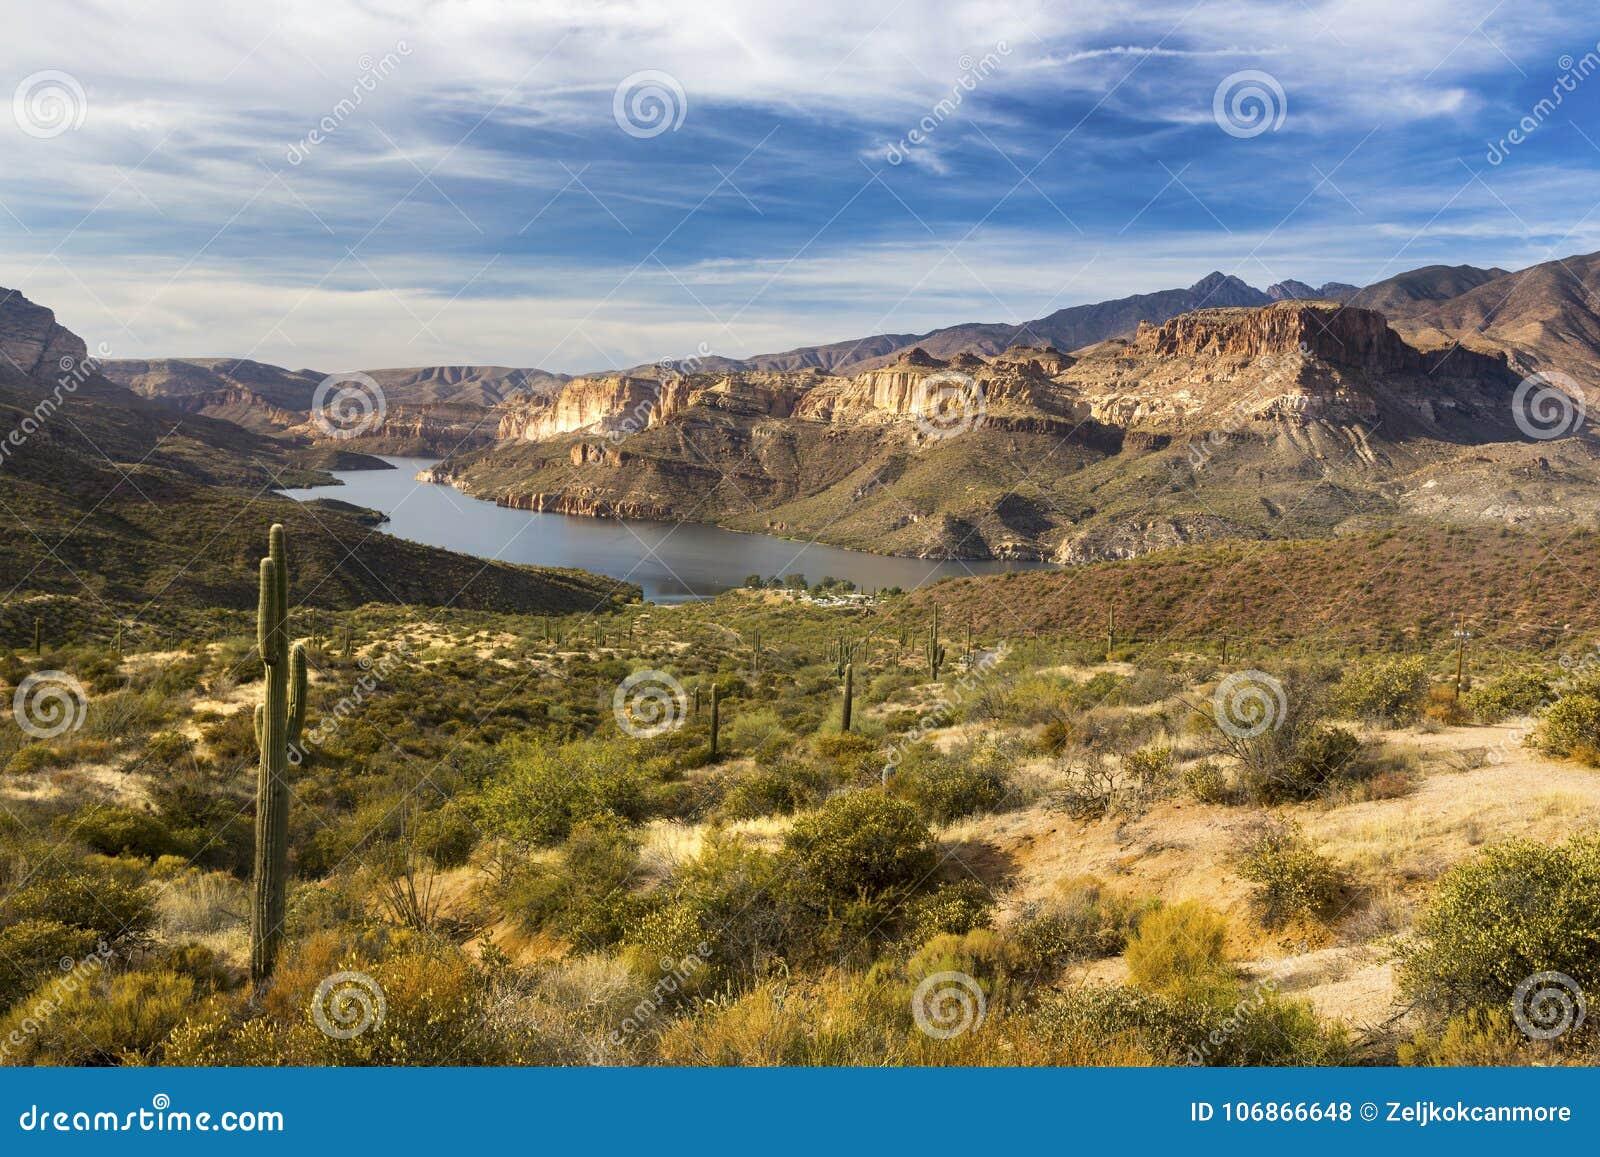 在亚利桑那迷信山的Apache湖风景沙漠风景